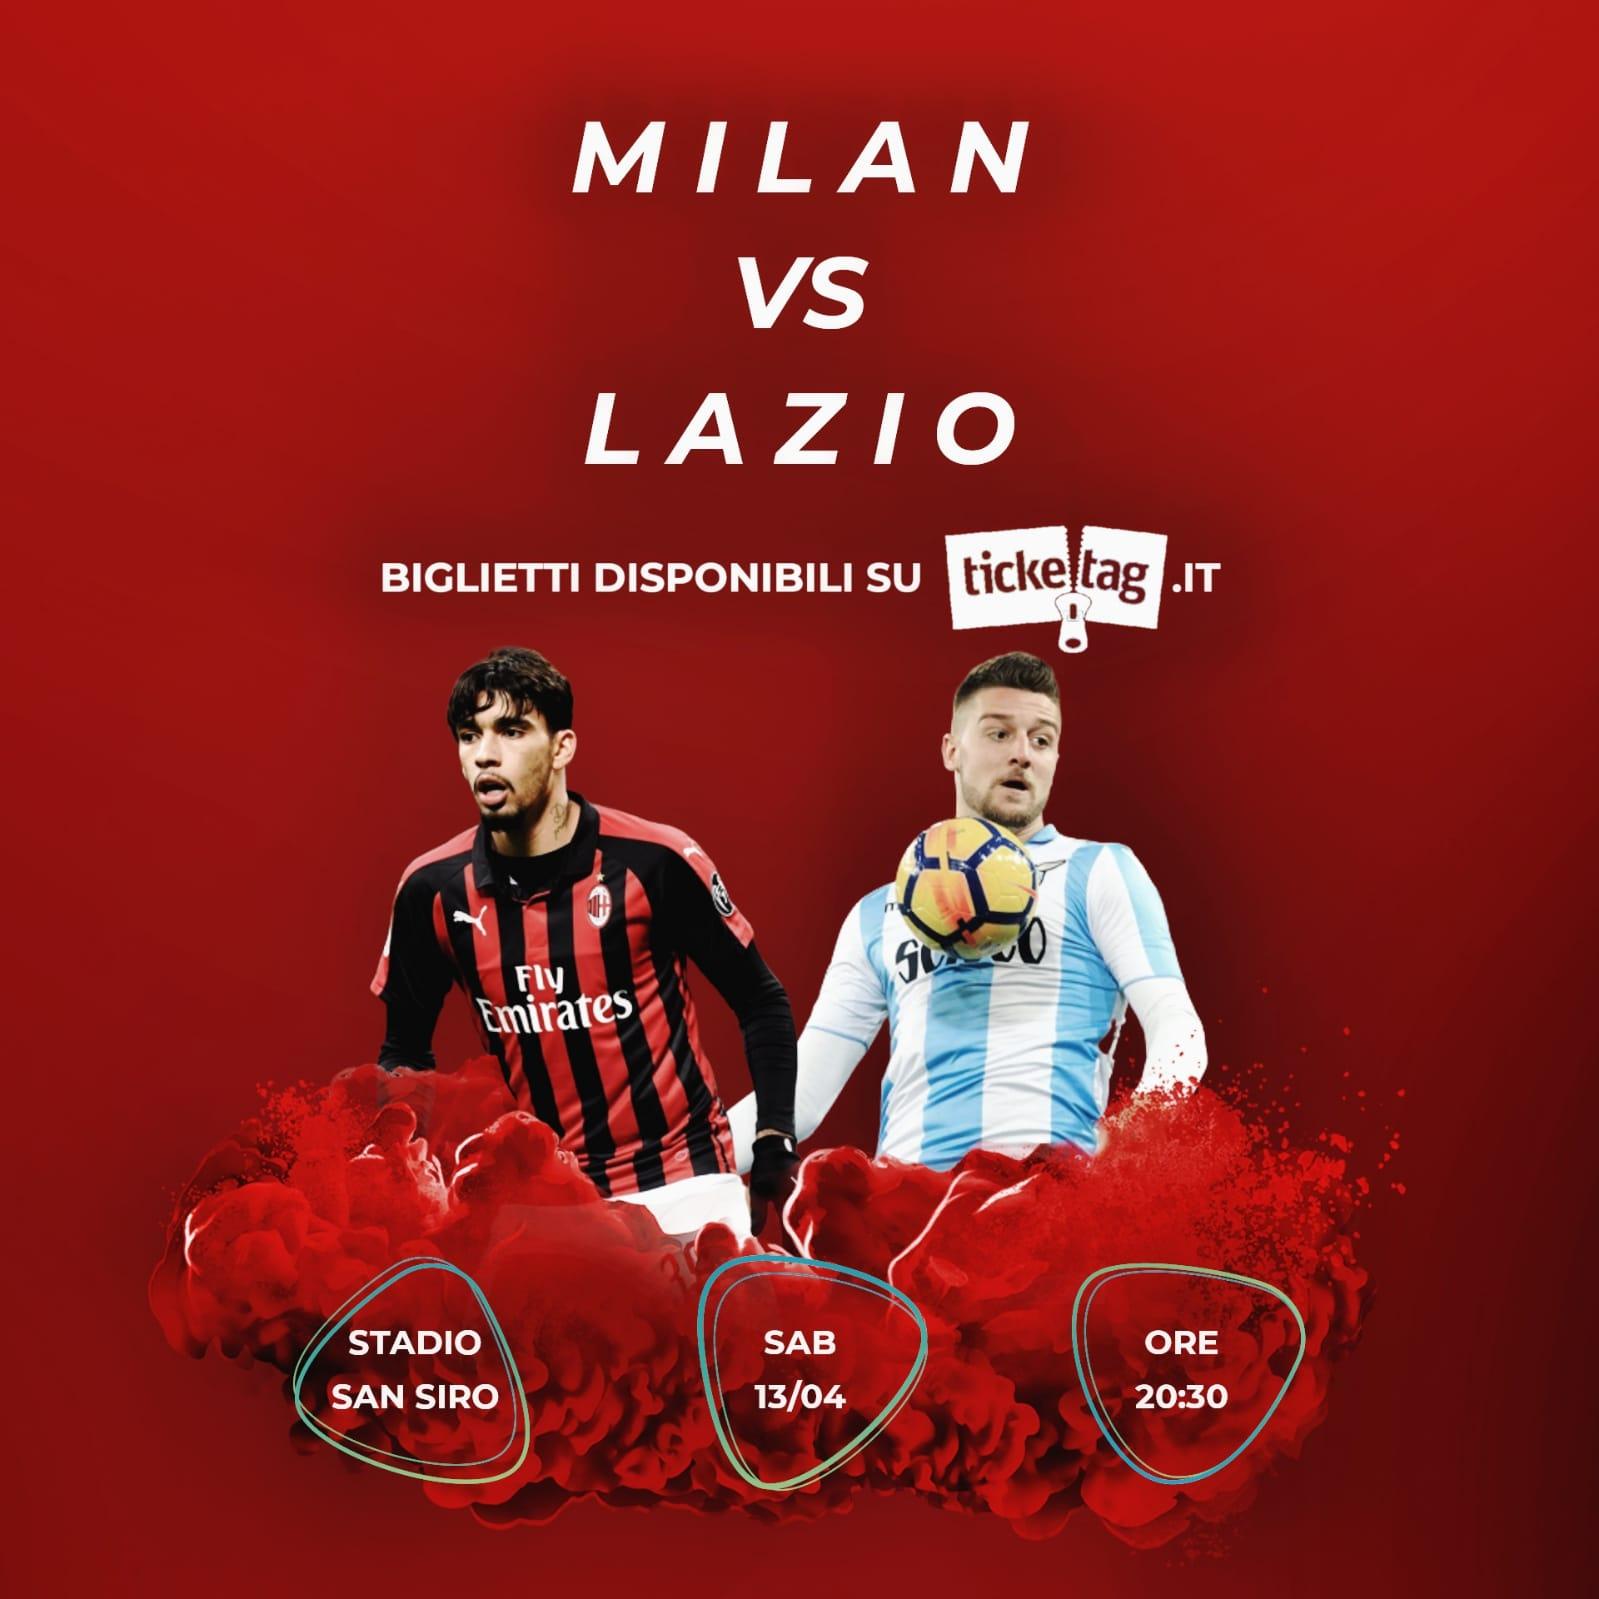 Vuoi vendere biglietti per Milan-Lazio? Scopri come con Ticketag